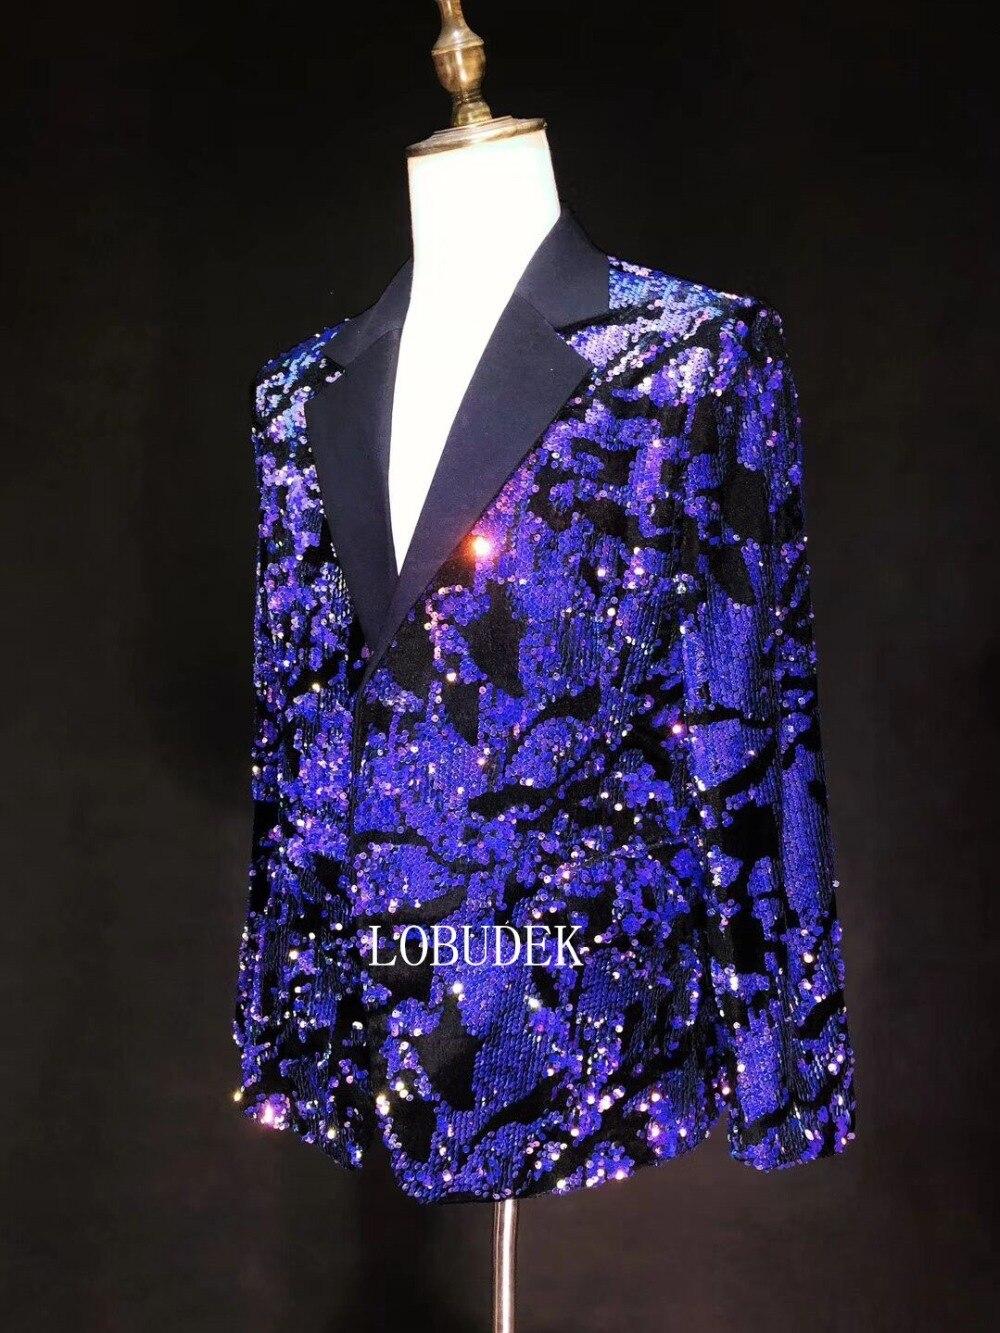 Brillant bleu violet paillettes veste hommes Costume vestes mode Slim Blazers manteau mâle chanteur discothèque vêtements hôte spectacle Costume - 4